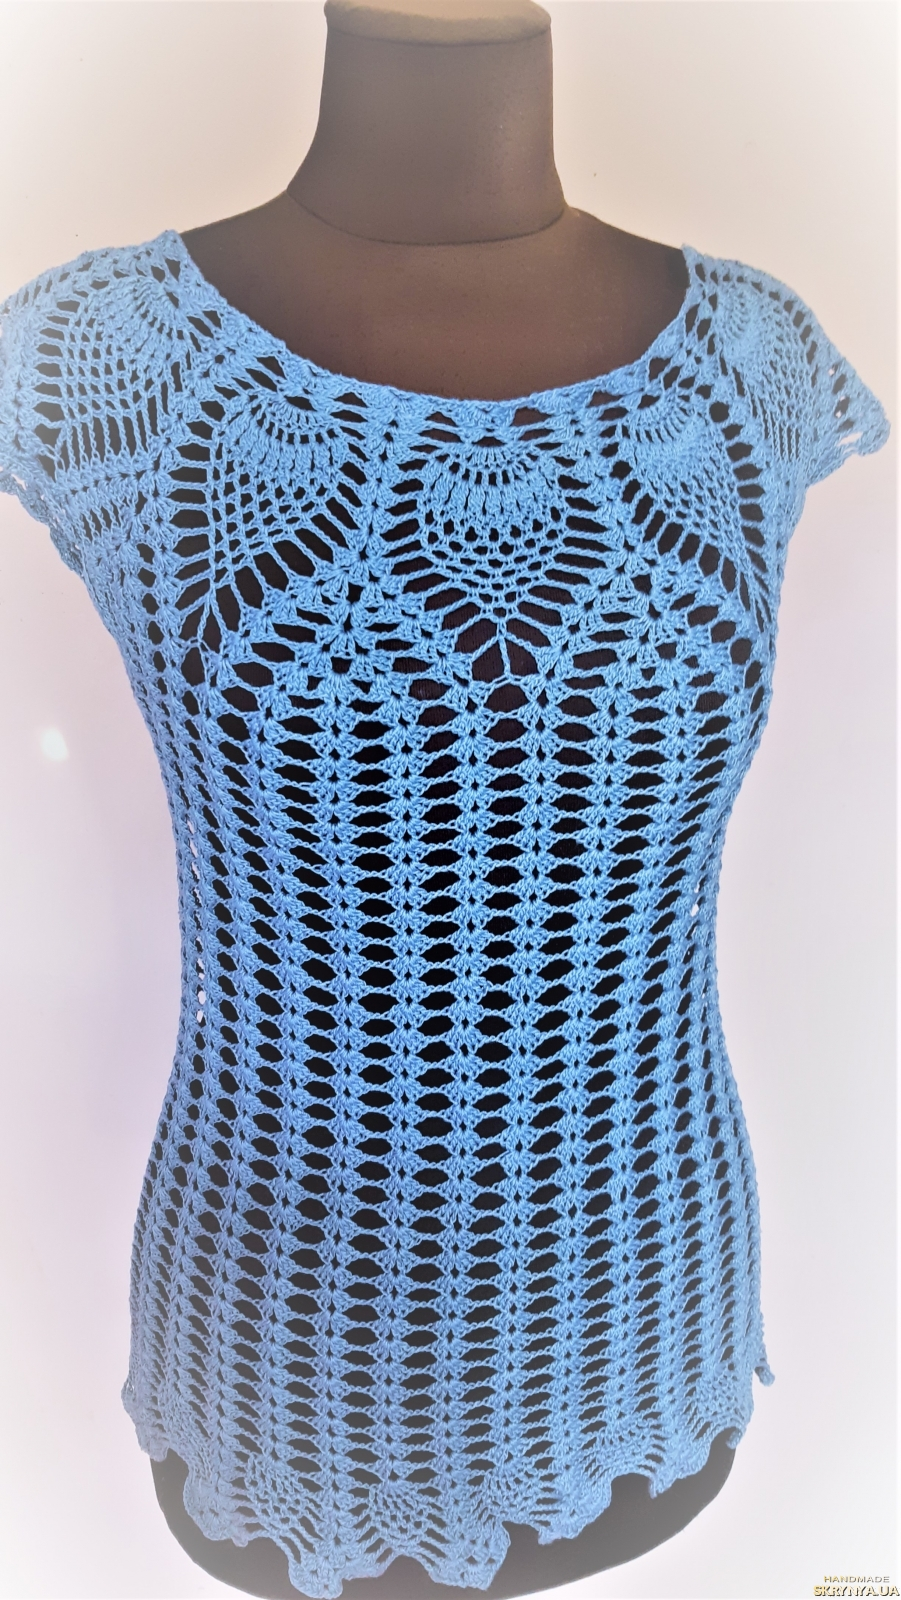 pictured here Ажурная вязанная женская туника голубого цвета размера 40-44